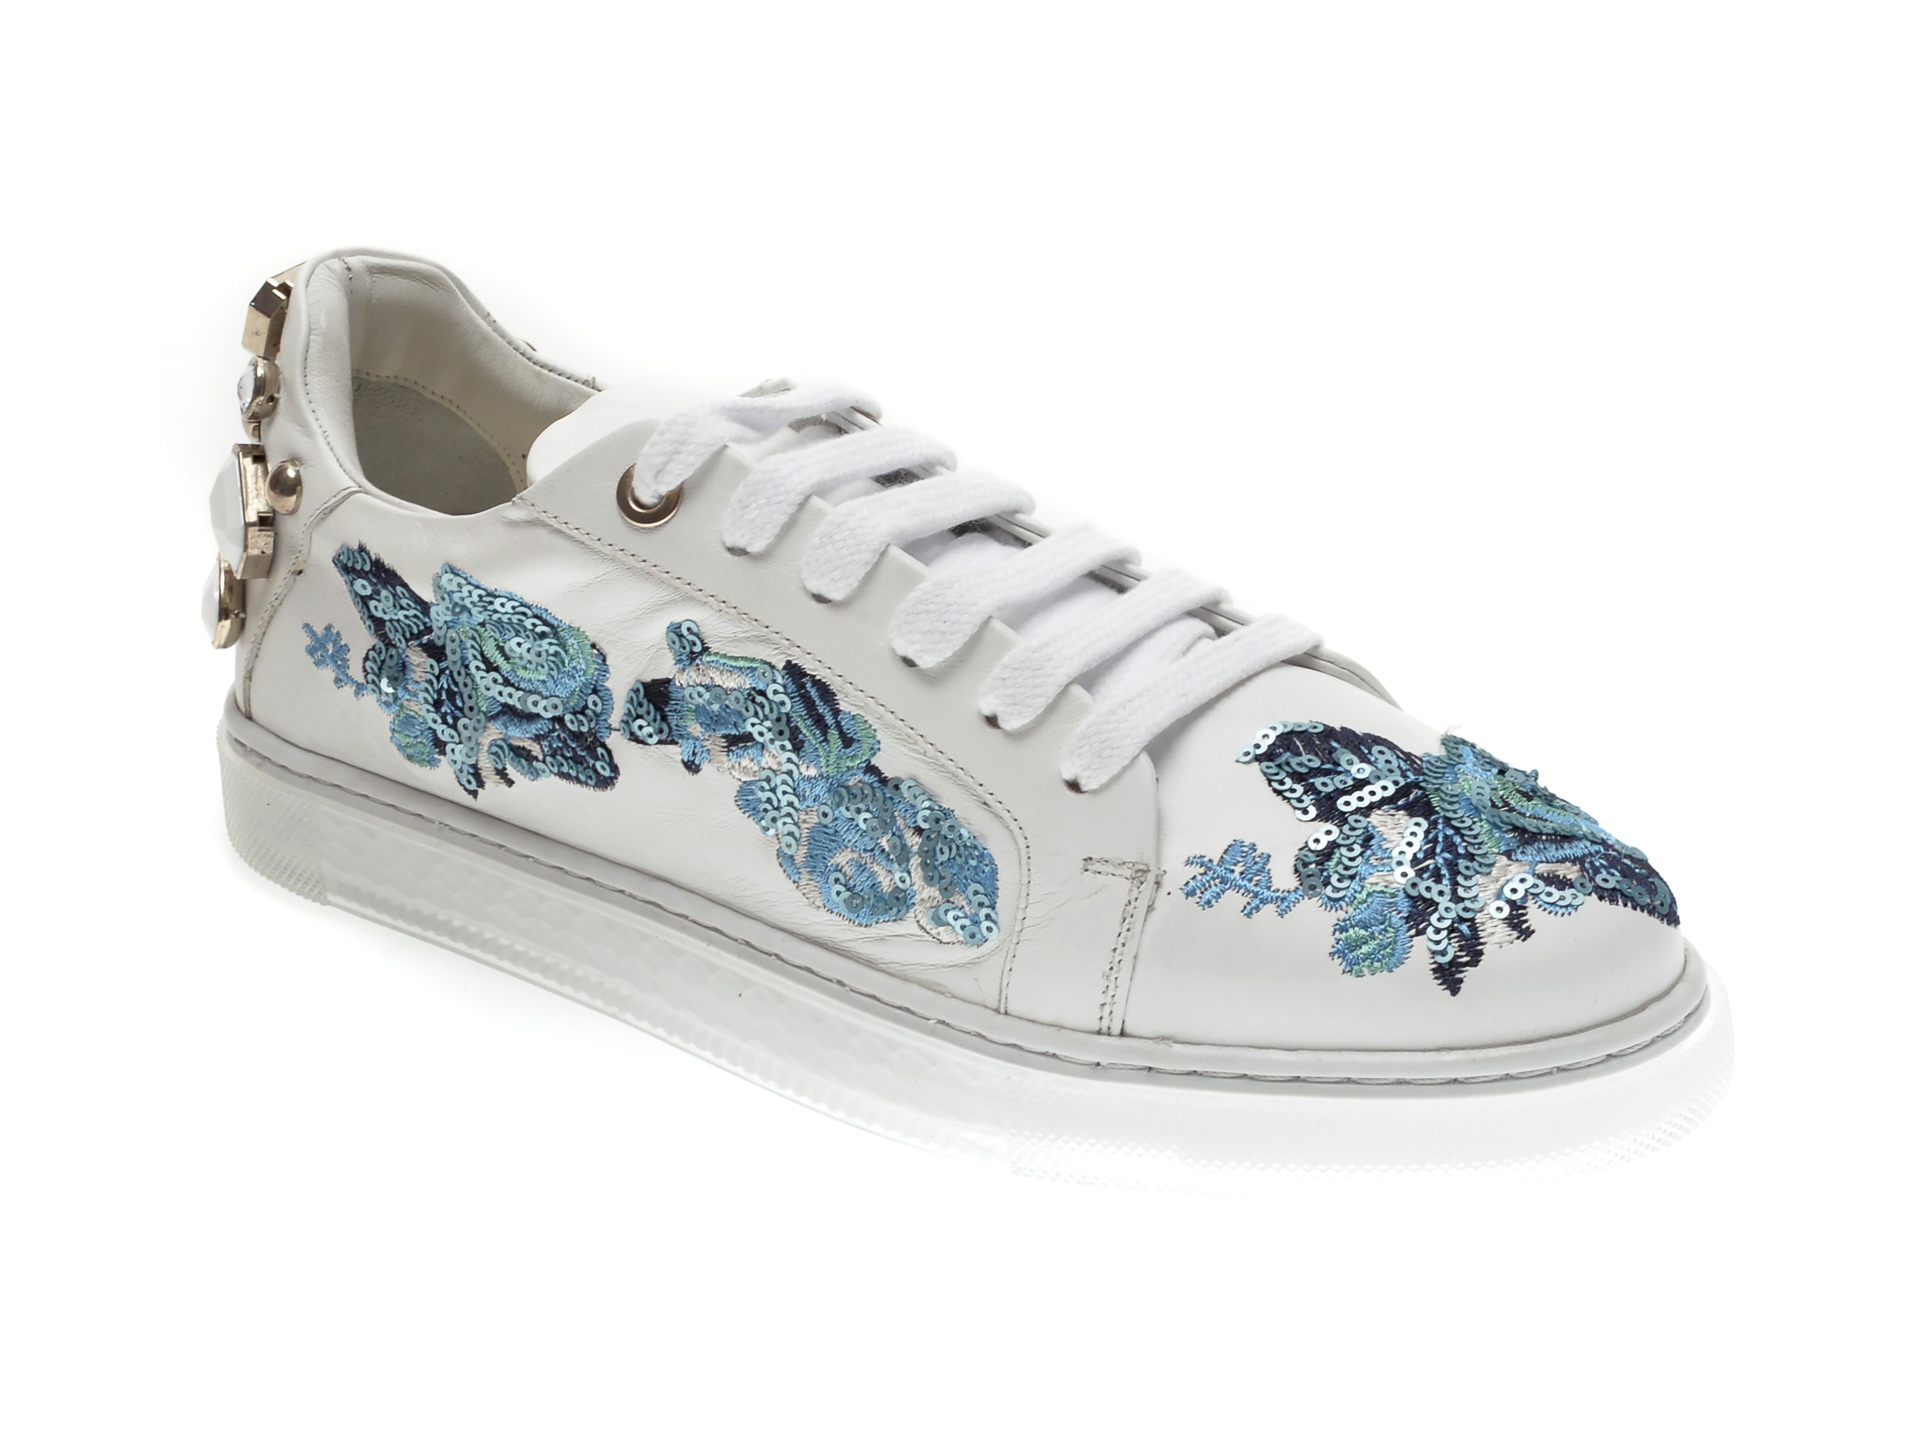 Pantofi sport EPICA albi, 2021460, din piele naturala imagine